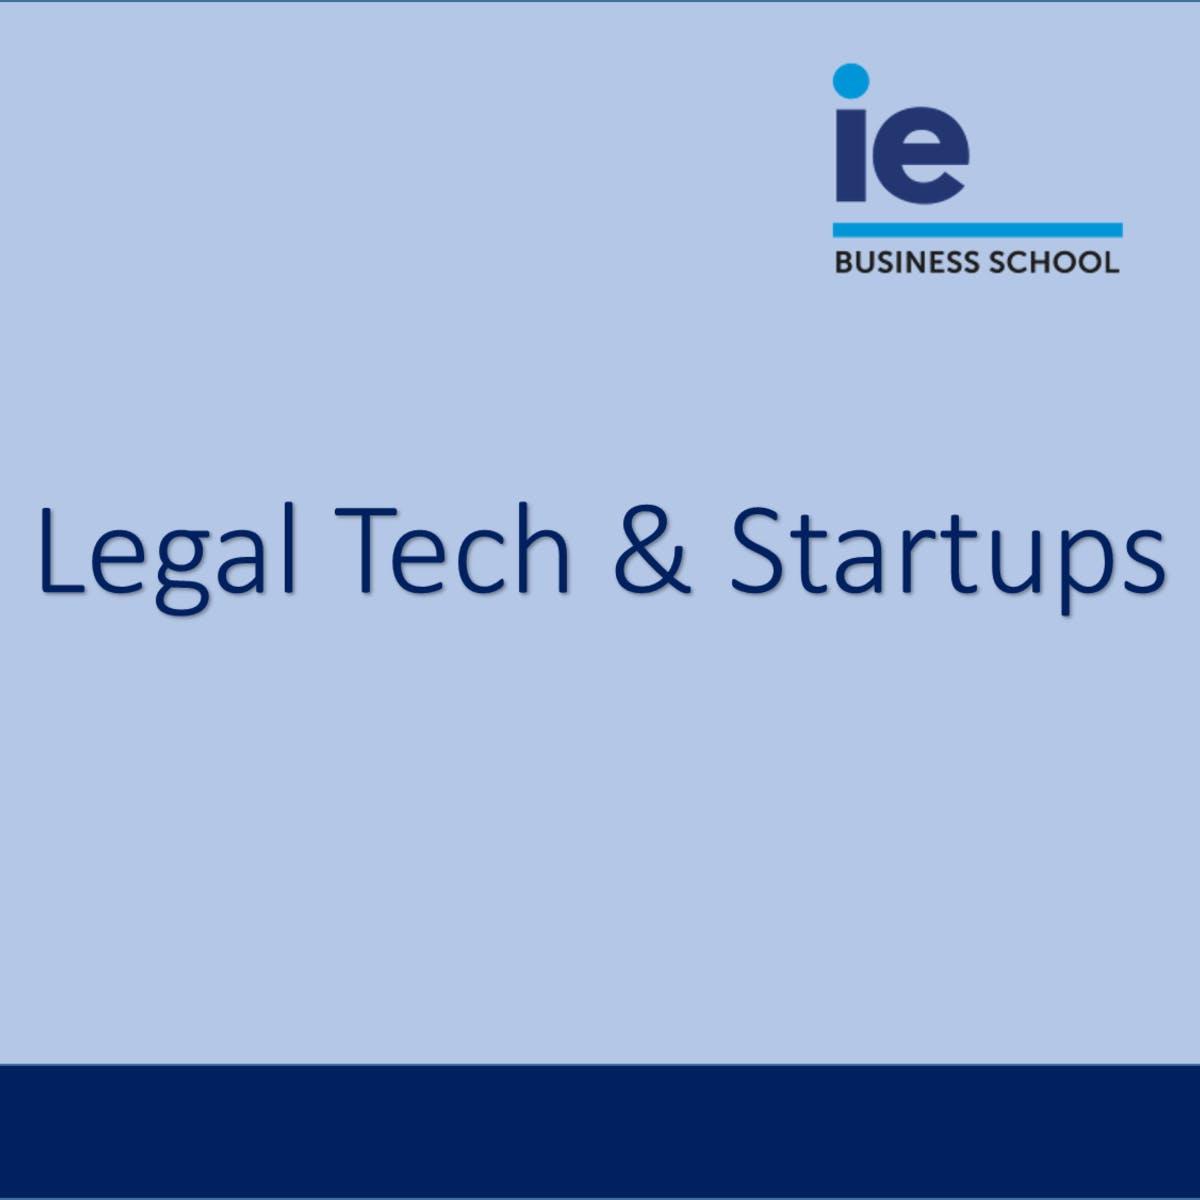 Legal Tech & Startups